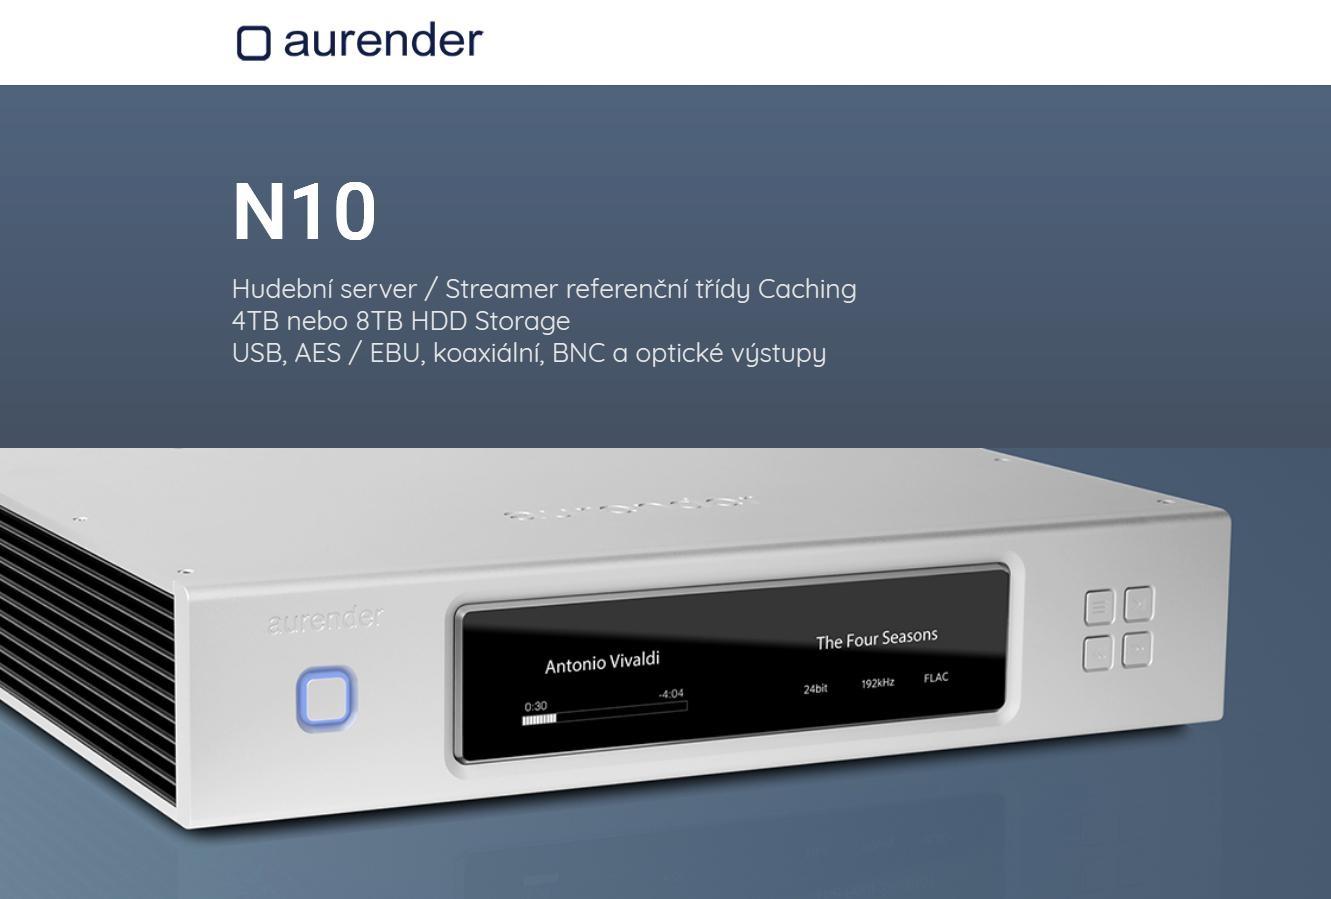 Aurender N10 - 4TB Barevné provedení: stříbrné